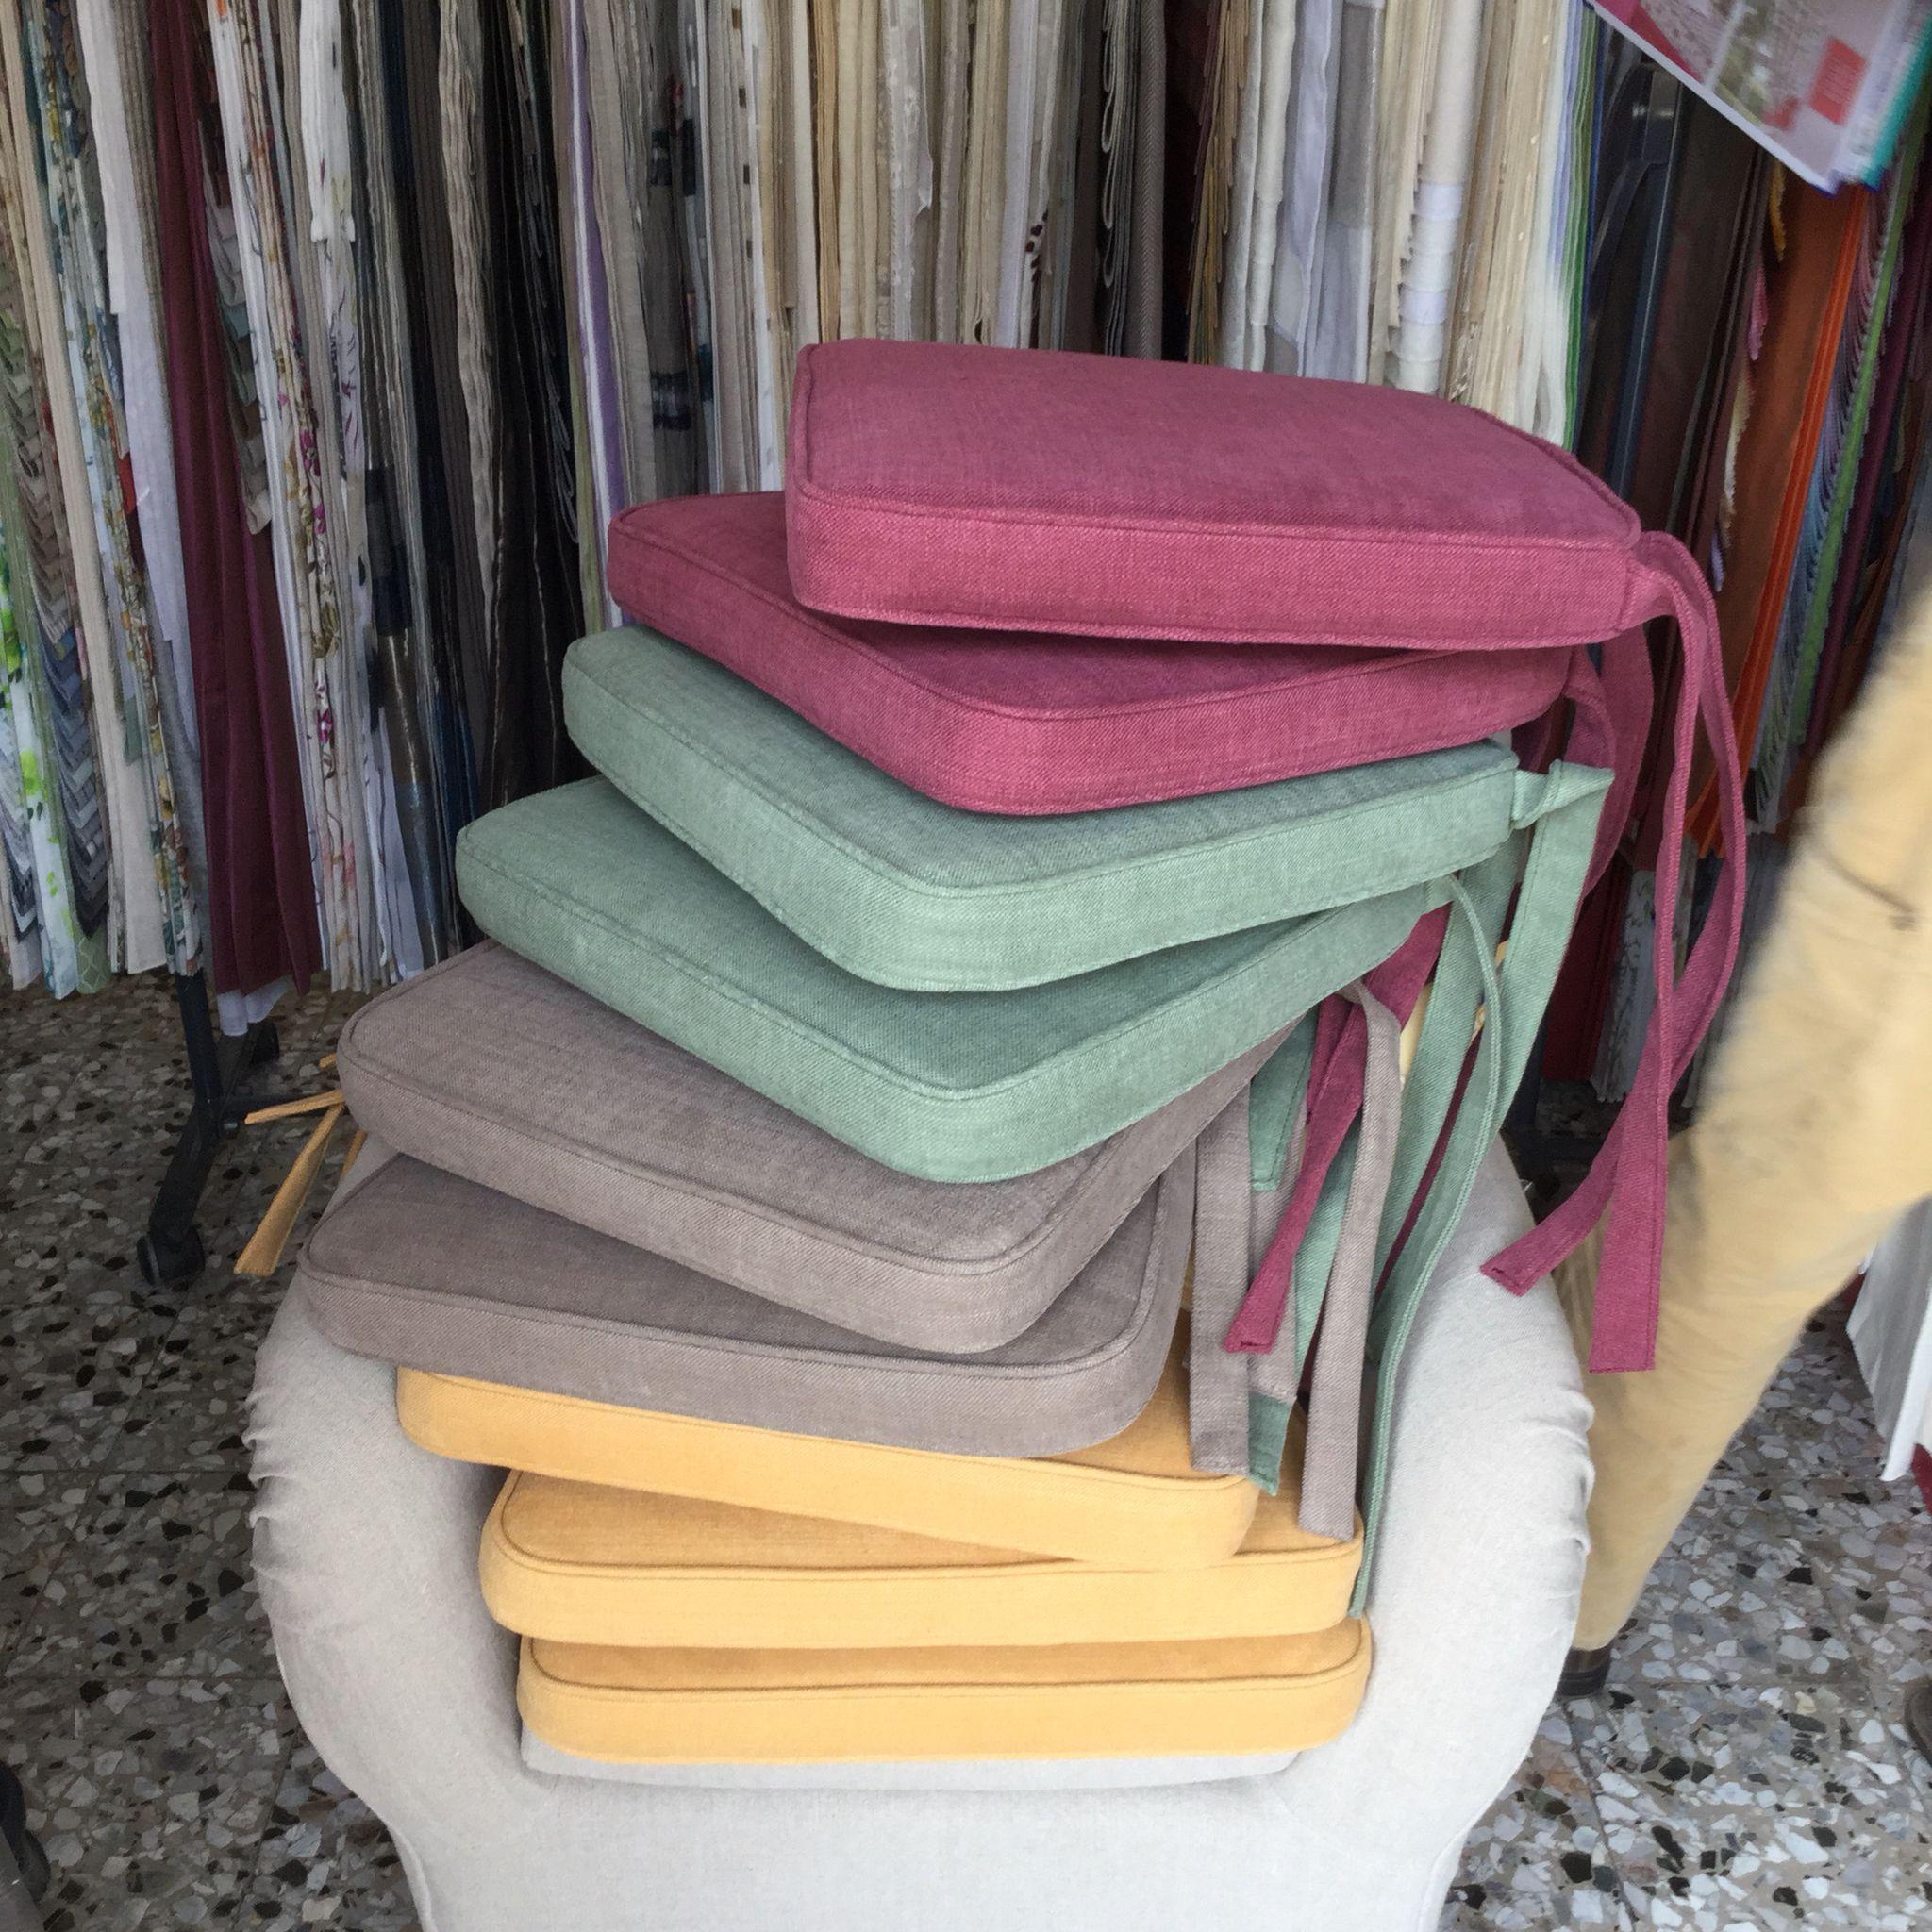 Con laccetti o alette per fissarli sotto la seduta delle tue sedie in modo molto semplice. Cuscini Sagomati Per Sedie Tess Linara Di Romo Cuscini Decorativi Cuscini Arredamento